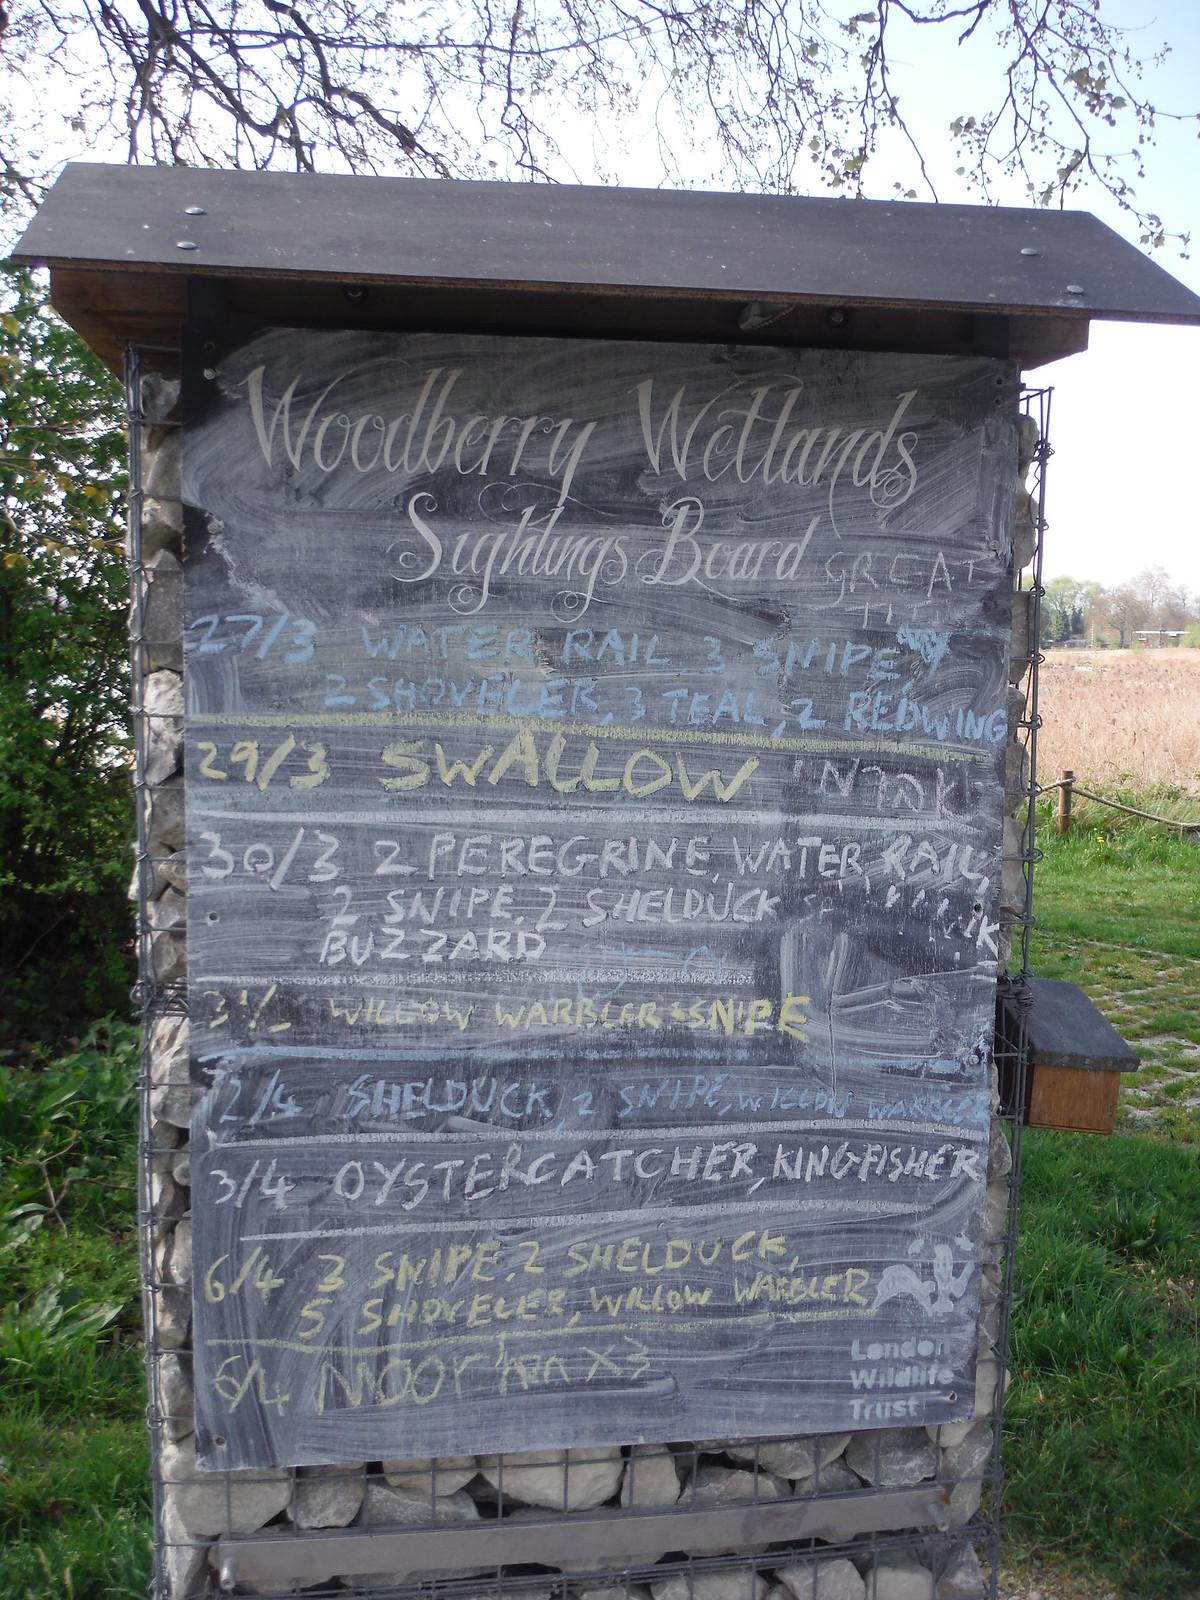 Sightings Board, Woodberry Wetlands SWC Short Walk 26 - Woodberry Wetlands (Stoke Newington Reservoirs)